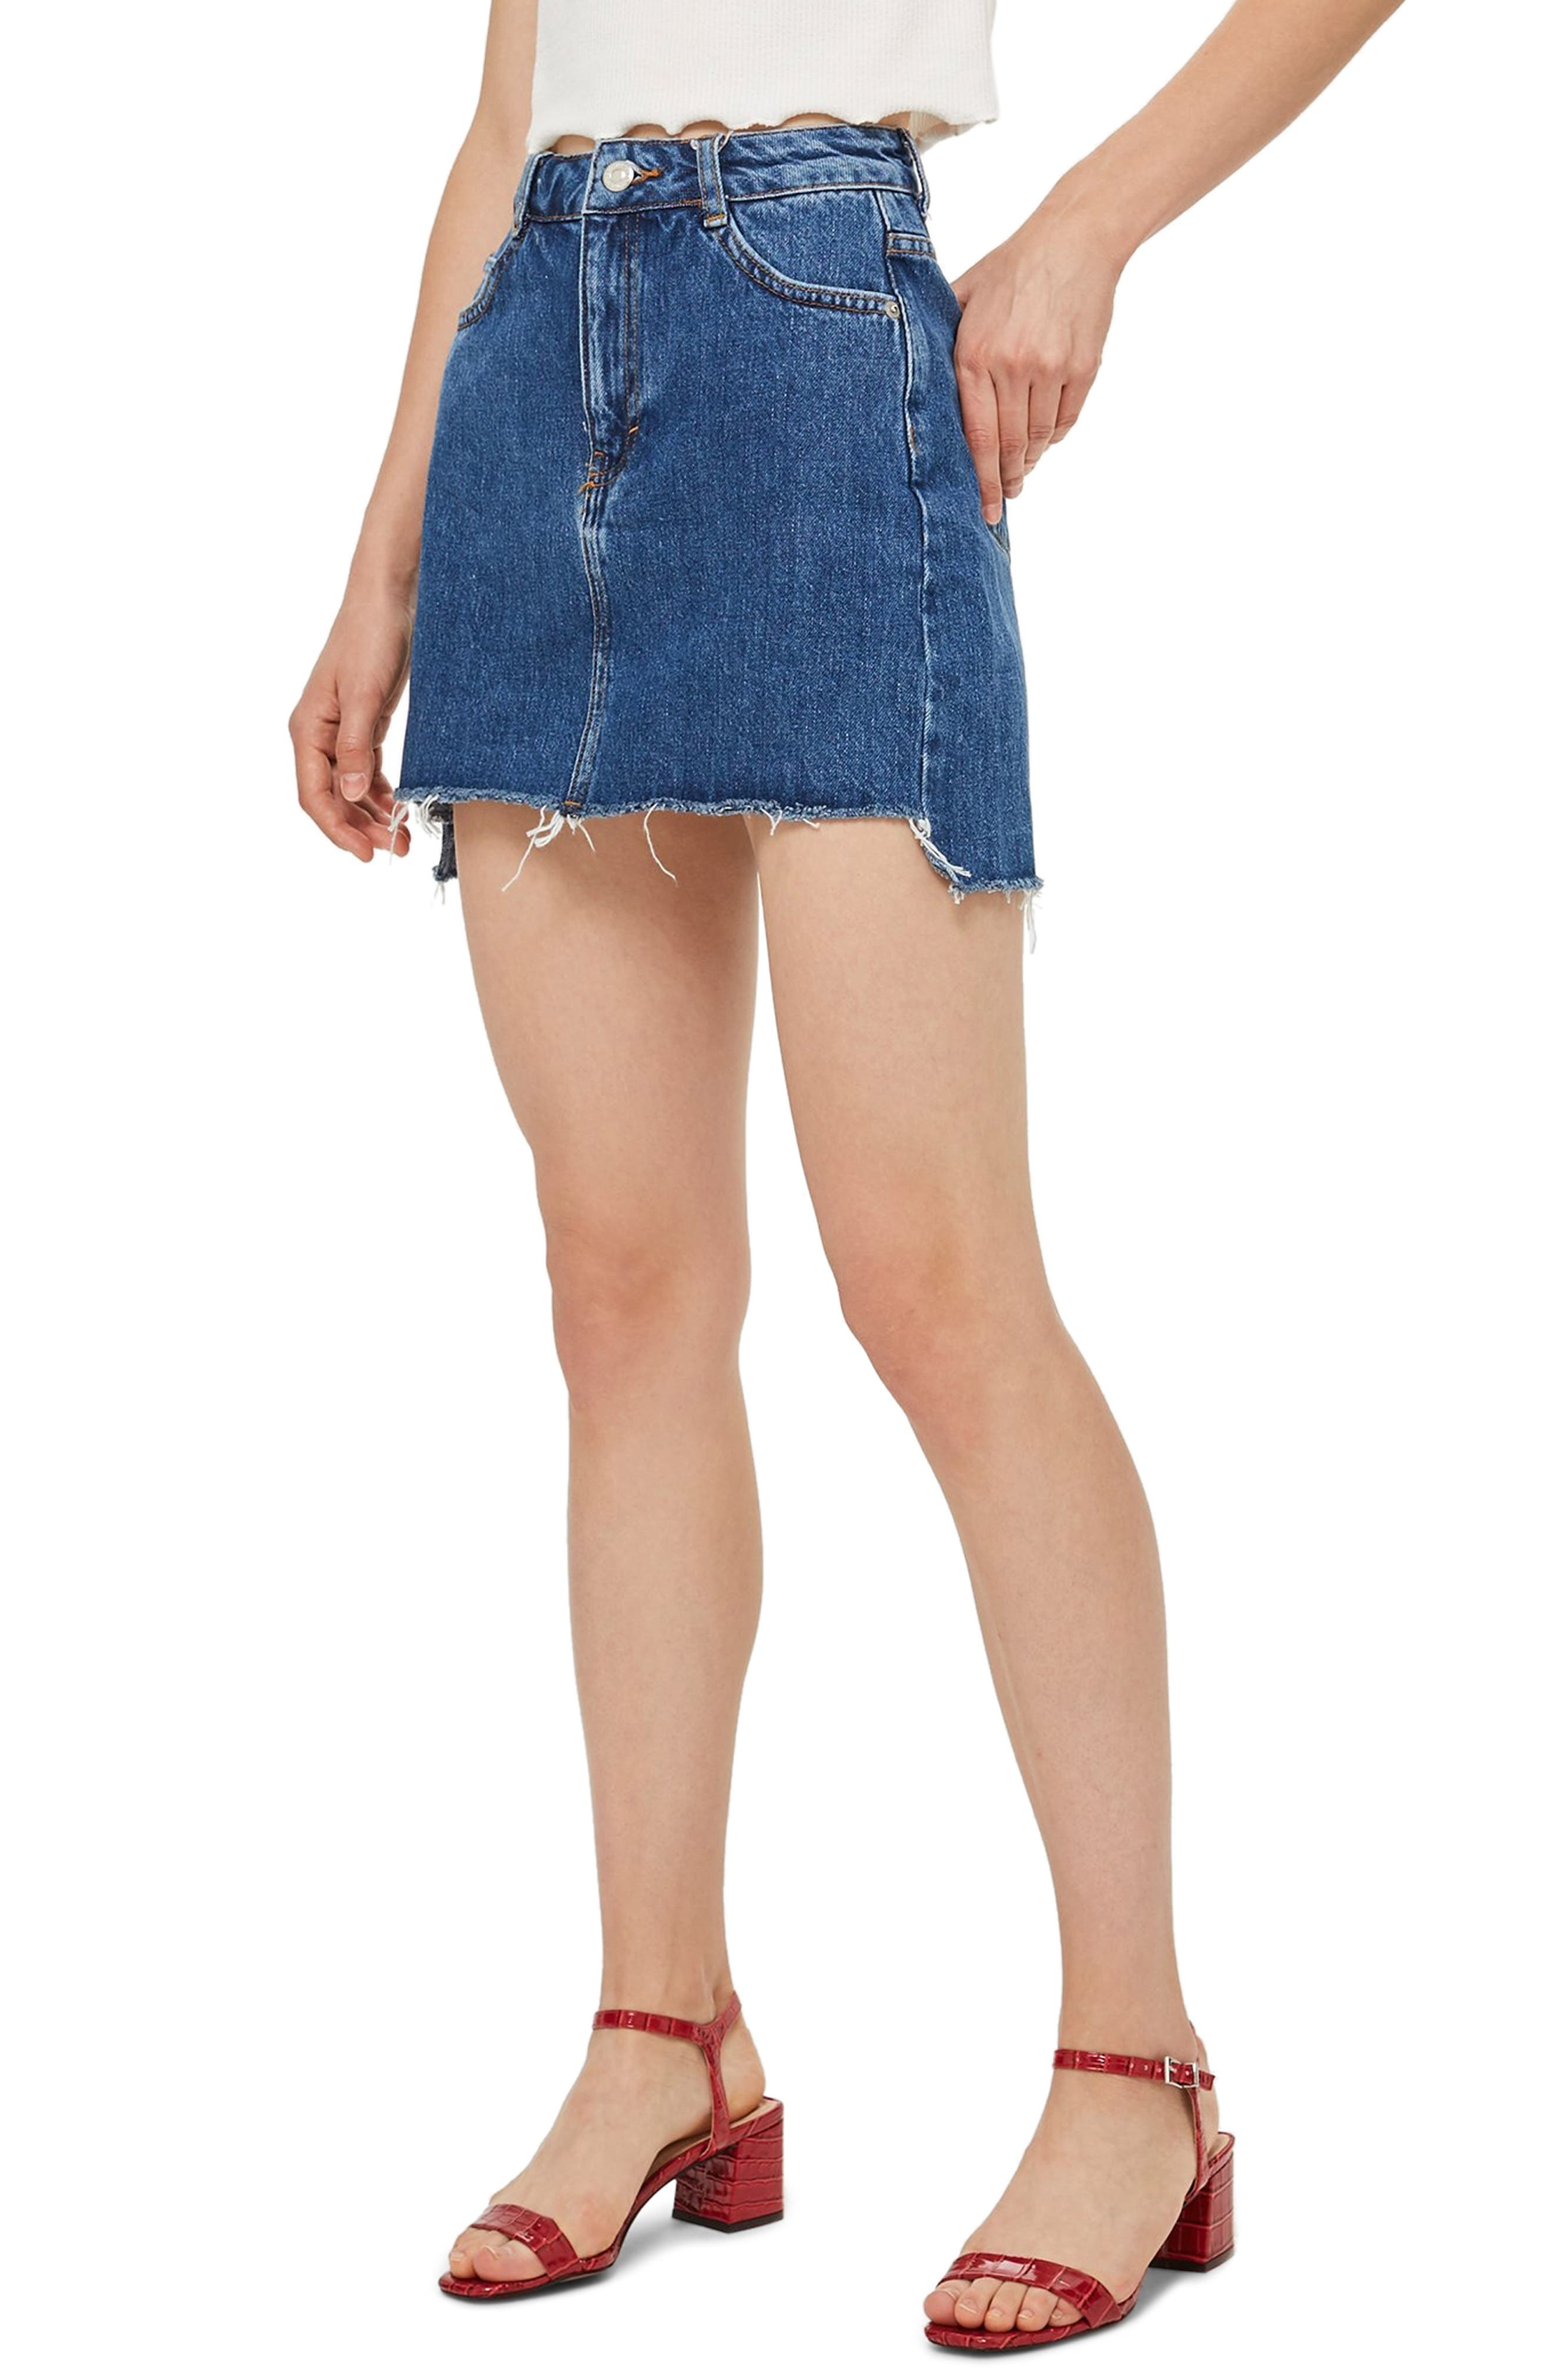 Topshop Step Hem Denim Skirt, US (fits like 6-8) - Blue